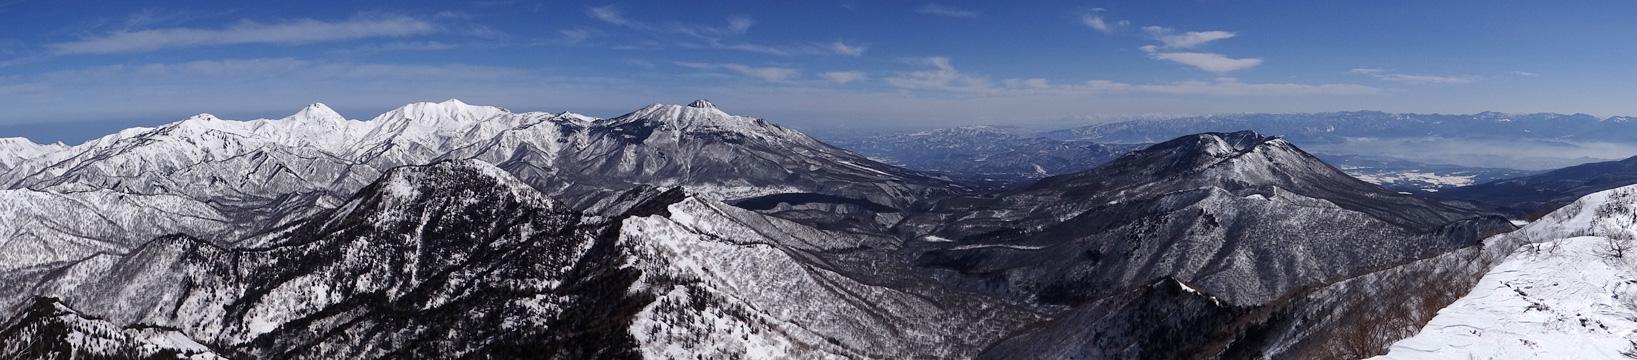 乙妻山山頂から頸城山塊と黒姫山のパノラマ